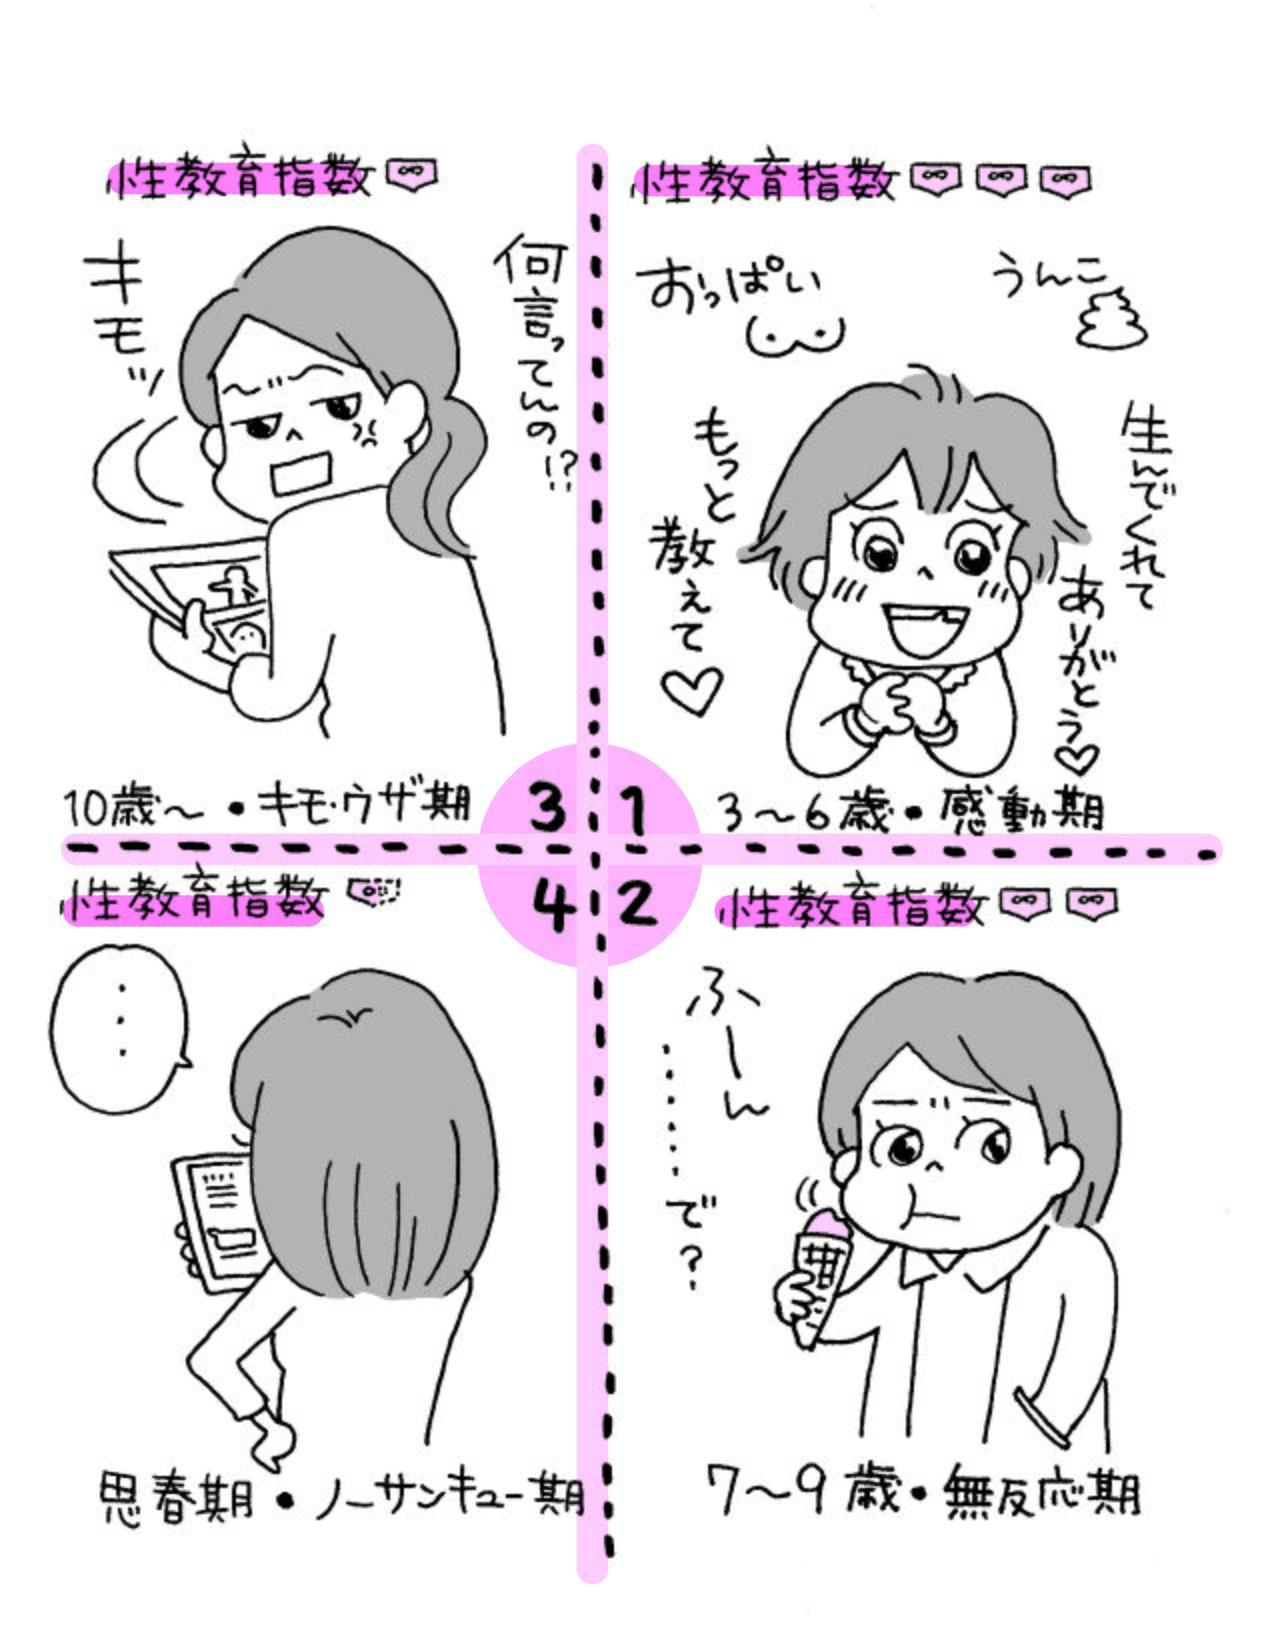 Иллюстрация, изображающая различия в восприятии информации о сексе в зависимости от возраста по опыту Нодзимы. Справа вверху – 3-6 лет, «возраст восхищения»: «Какашки», «Спасибо, что родила!», «Грудь», «Расскажи ещё!»; справа внизу – 7-9 лет, «возраст отсутствия реакции»: «Хмм… И?»; слева вверху – 10 лет и старше, «возраст раздражения»: «Гадость!», «О чём это ты?»; слева внизу – пубертат: «Спасибо, не нужно» (иллюстрация: Огура Наоми)